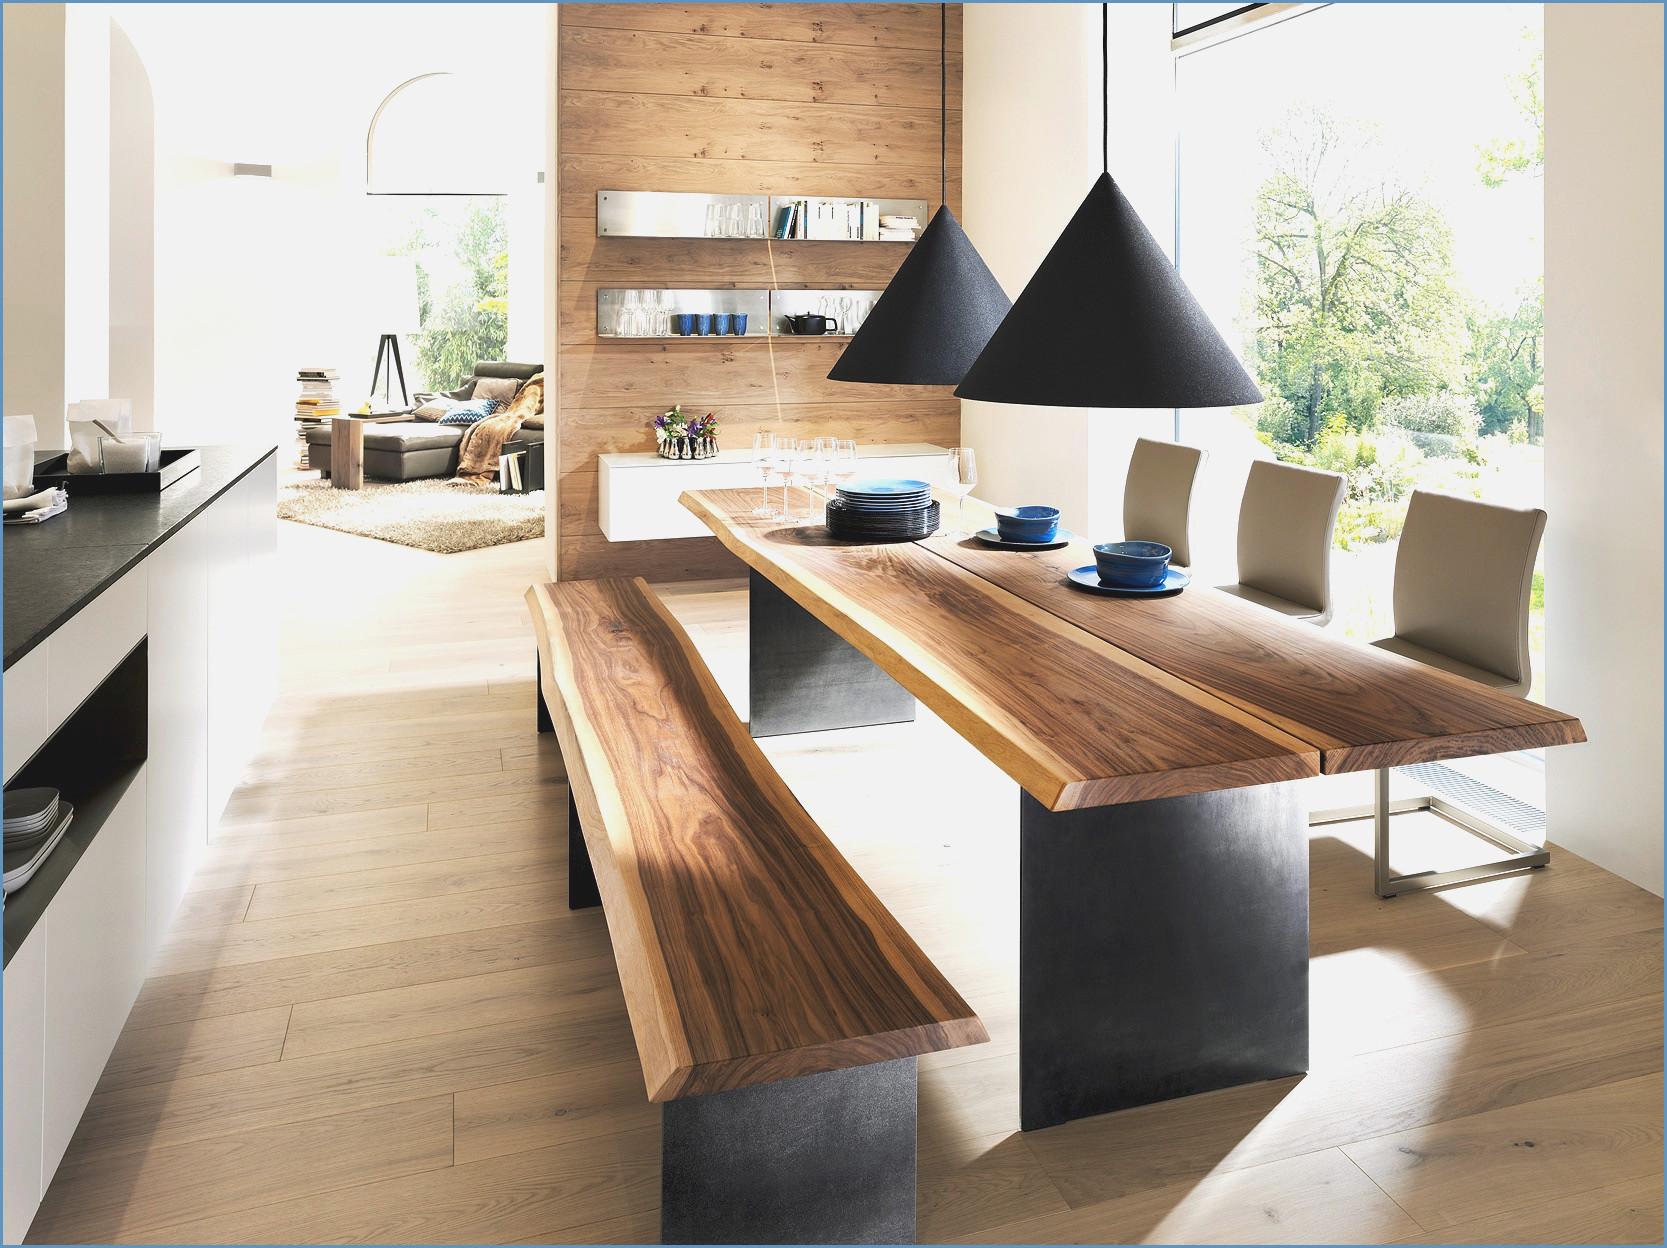 Holz Deko Modern Wunderbar On Auf Dekoration Wohnzimmer Dekoideen Hocker Java Glamouros 5